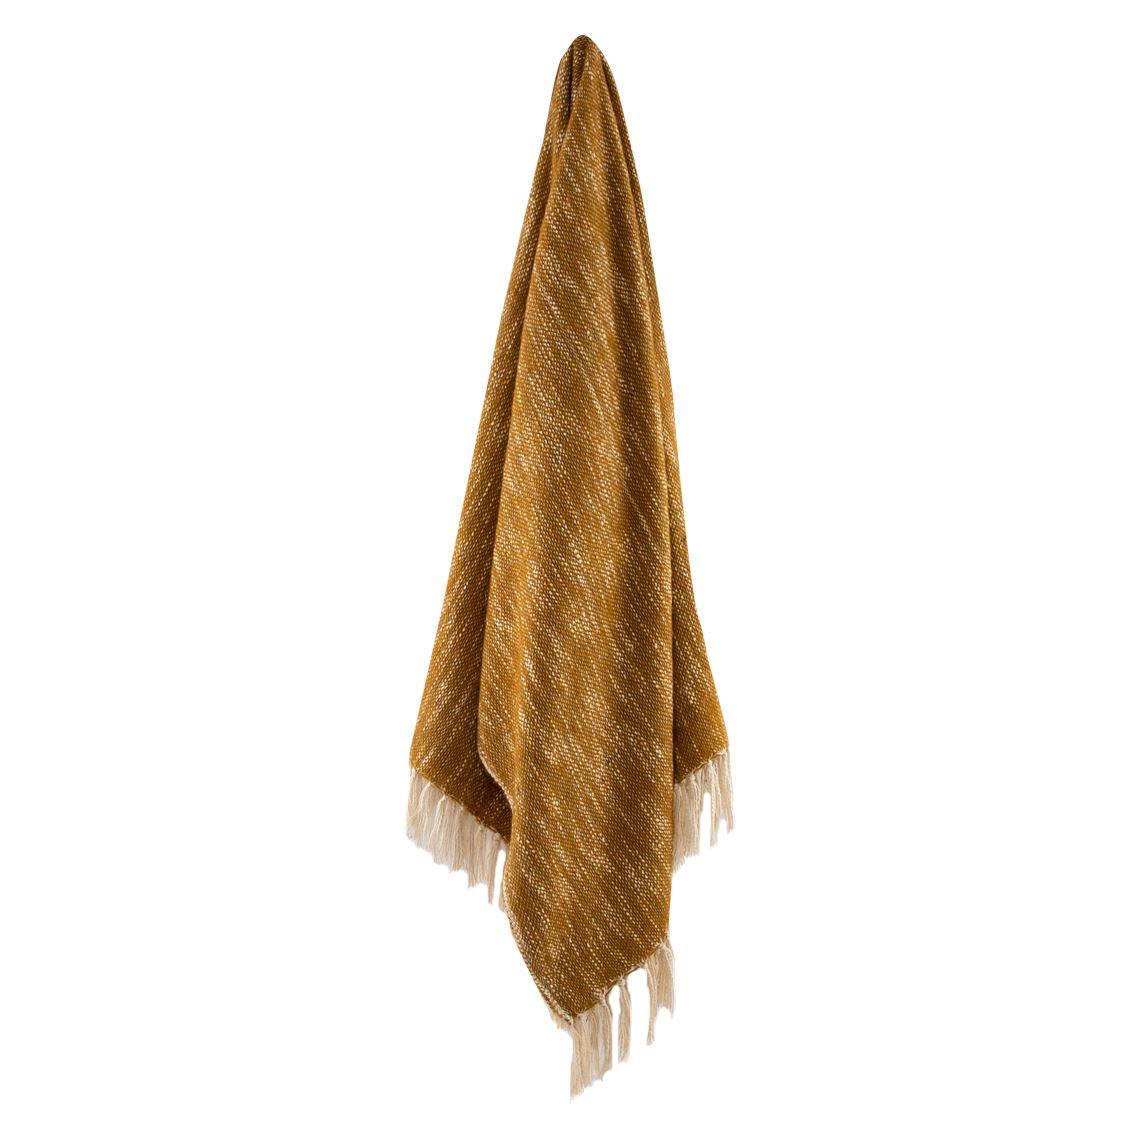 Lascari Throw Size W 130cm x D 1cm x H 150cm in Mustard Freedom